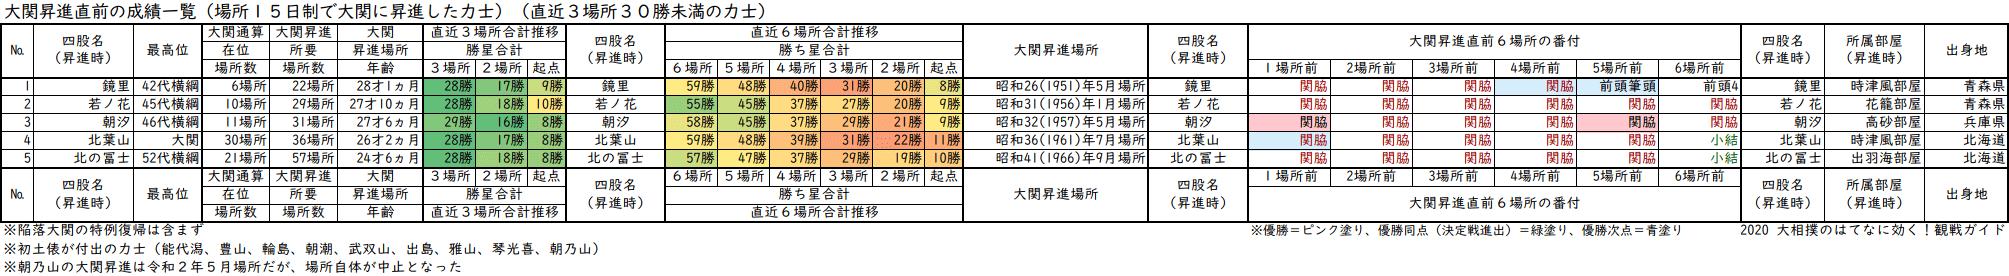 大関昇進前3場所の成績が30勝未満の力士一覧表・直近3場所及び直近6場所の合計勝ち星と番付